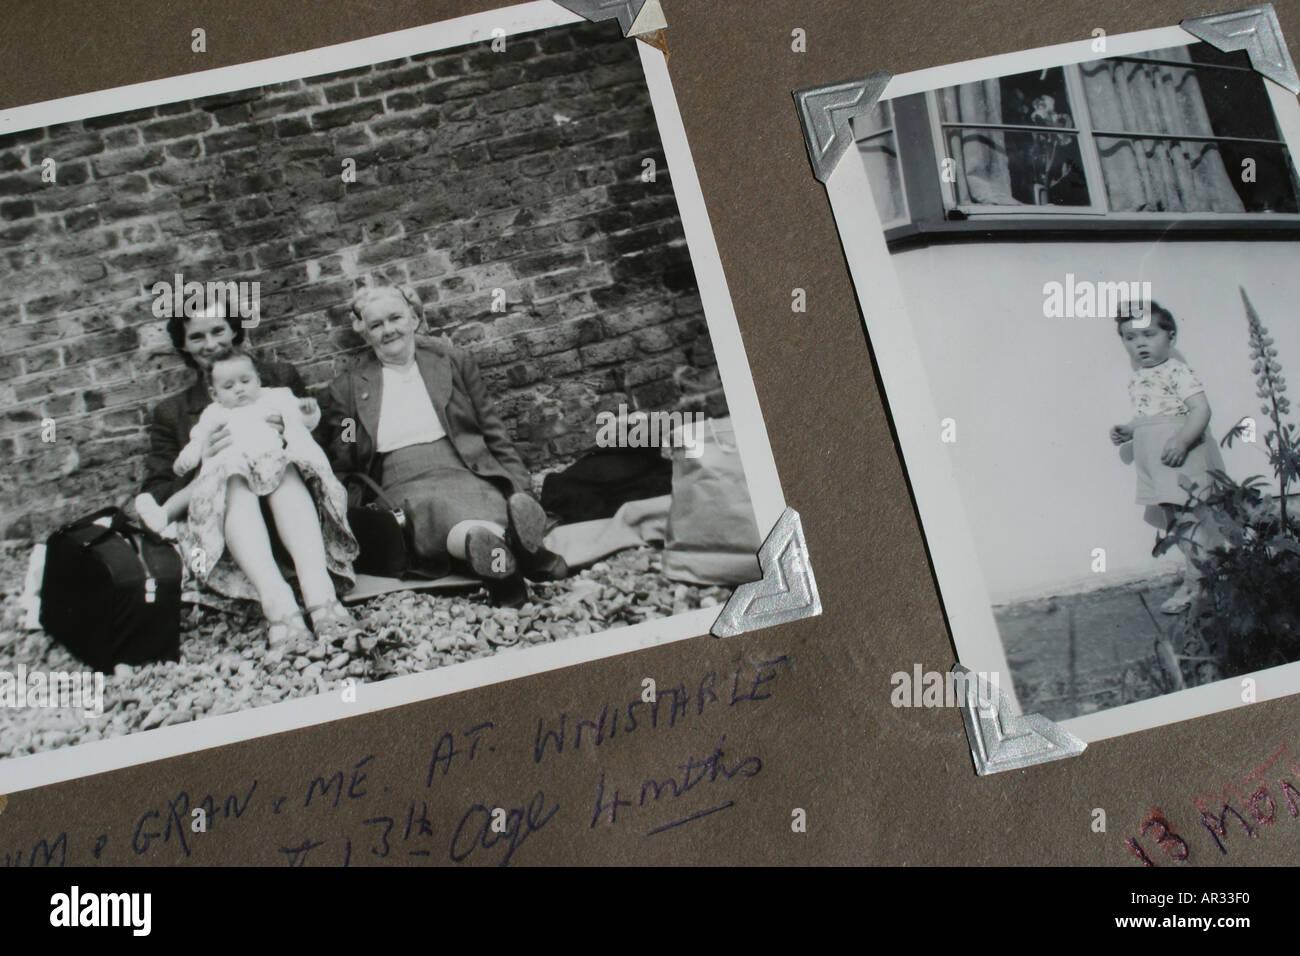 Nostalgie alte Schwarz-Weiß-Fotografien zeigt Großmutter Mutter und Kind in den 1950er Jahren genommen Stockbild